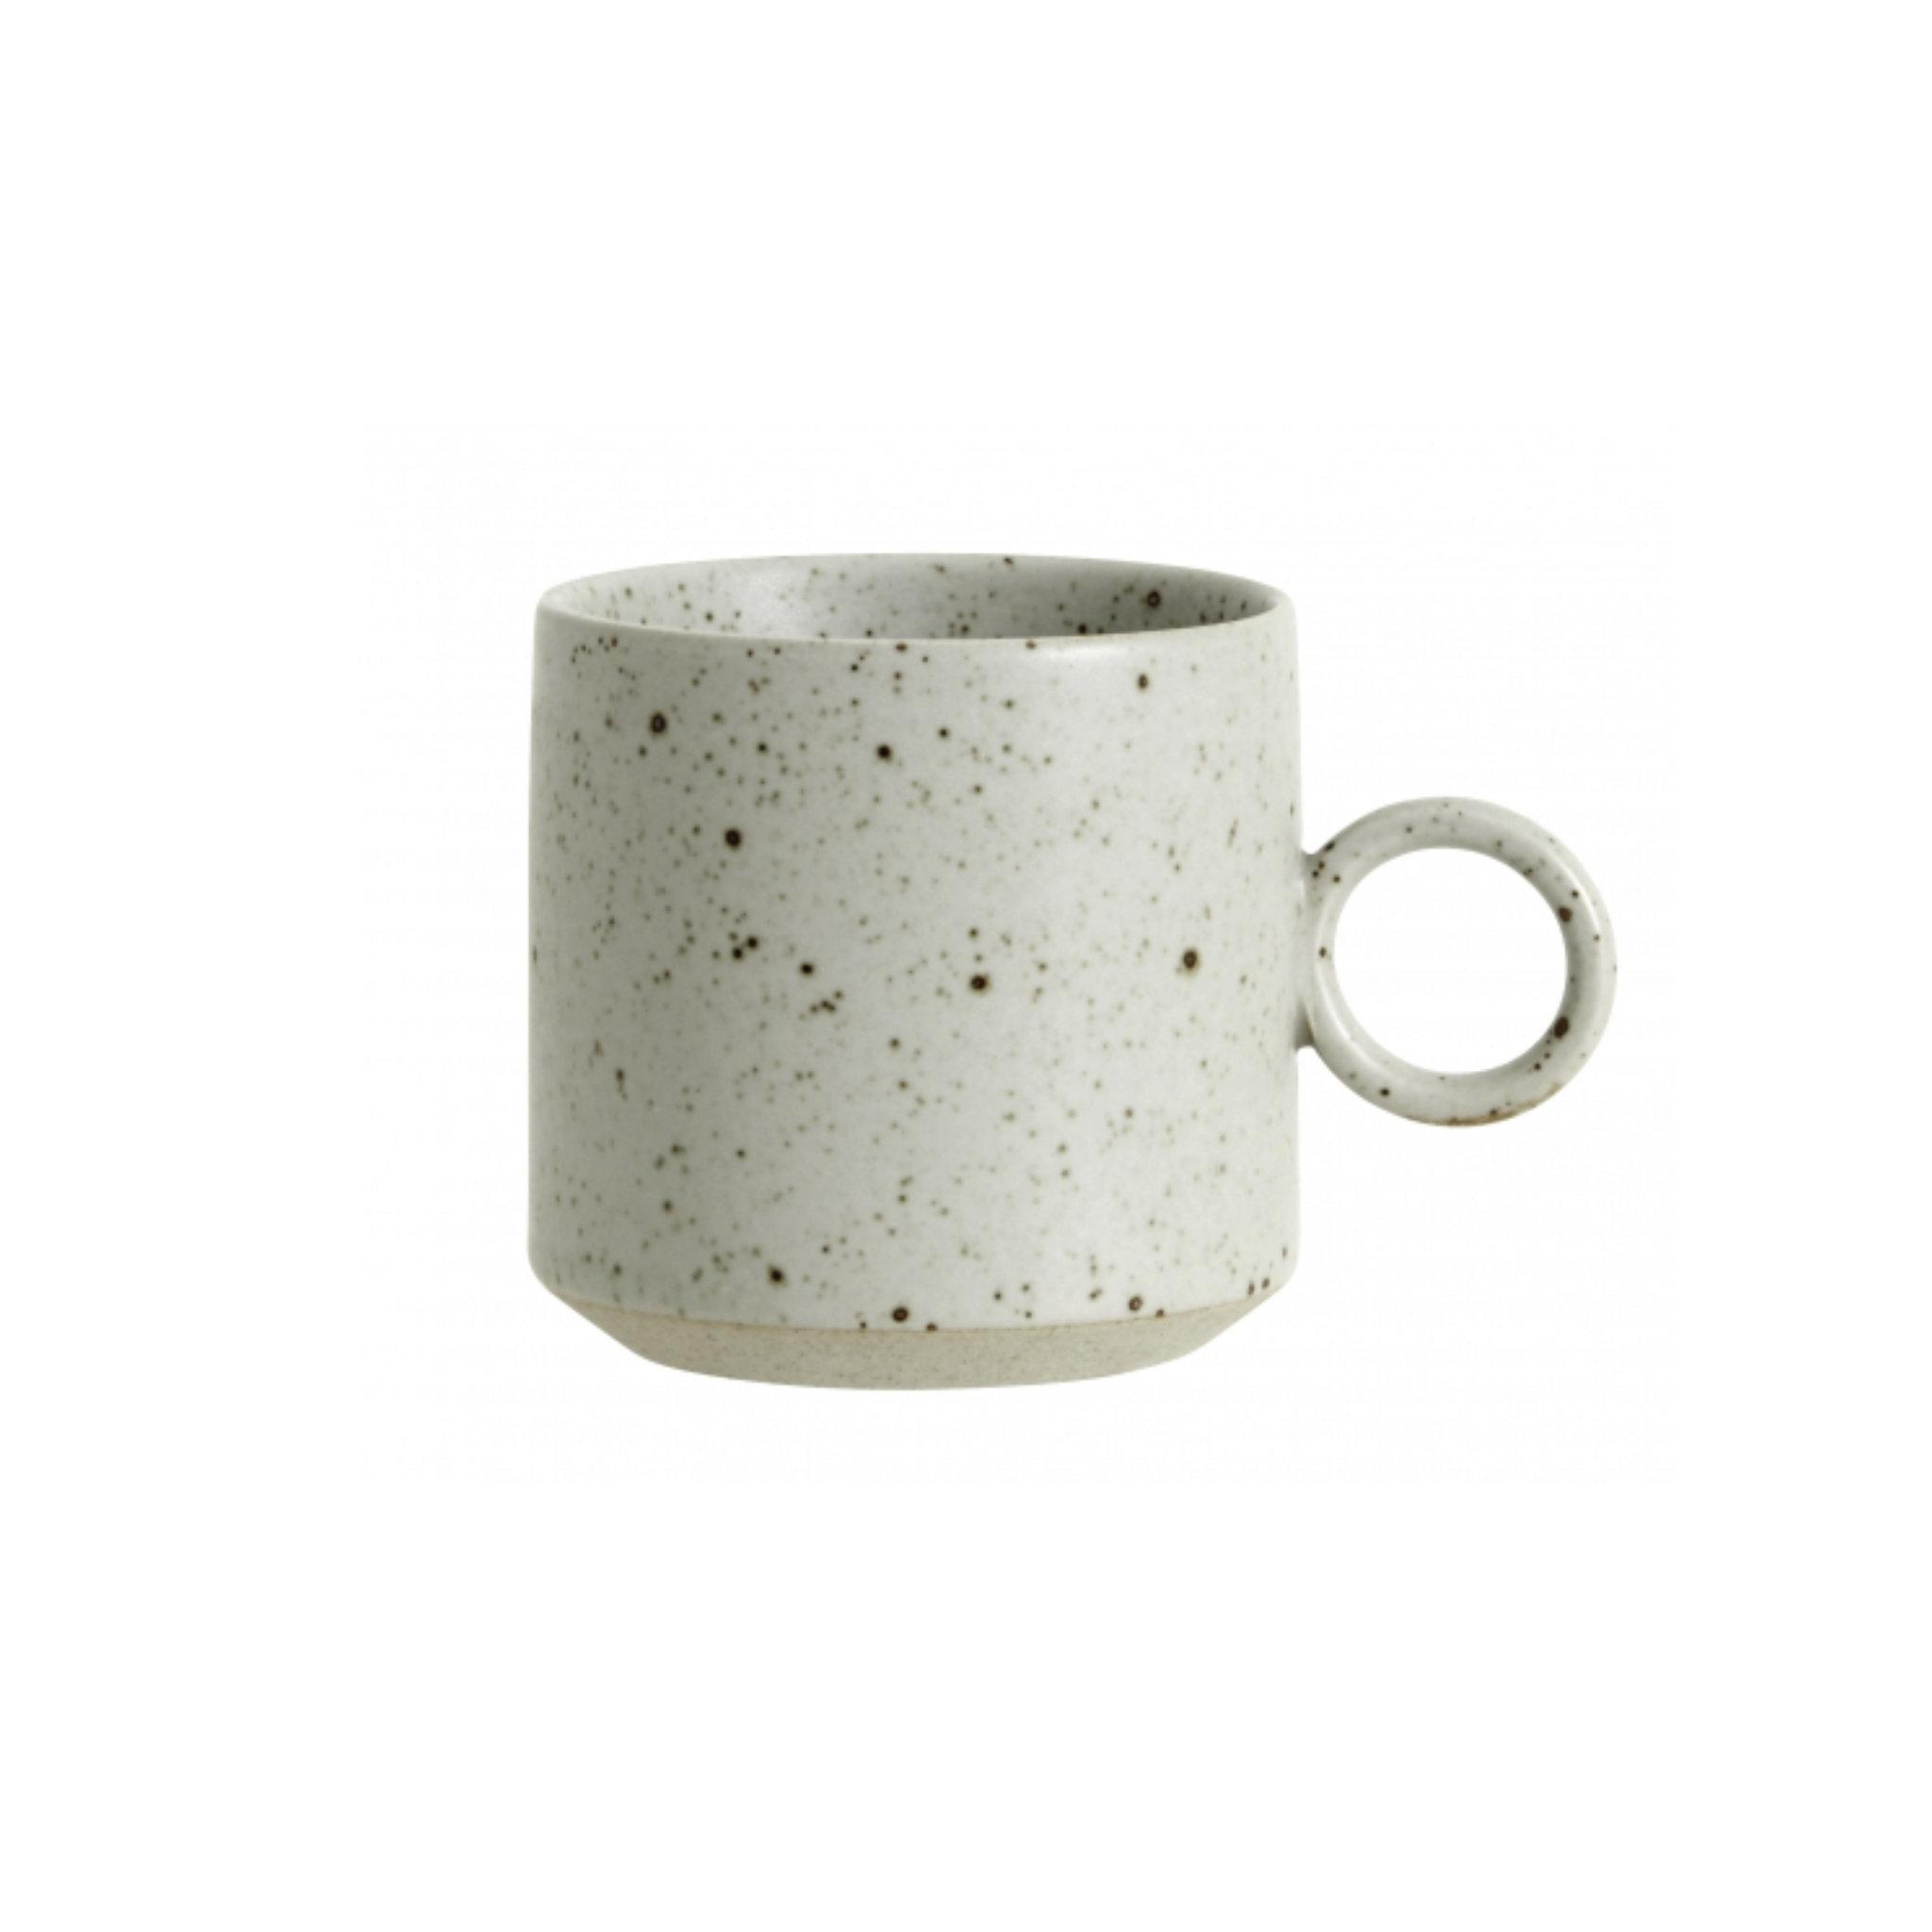 Nordal Grainy Mug